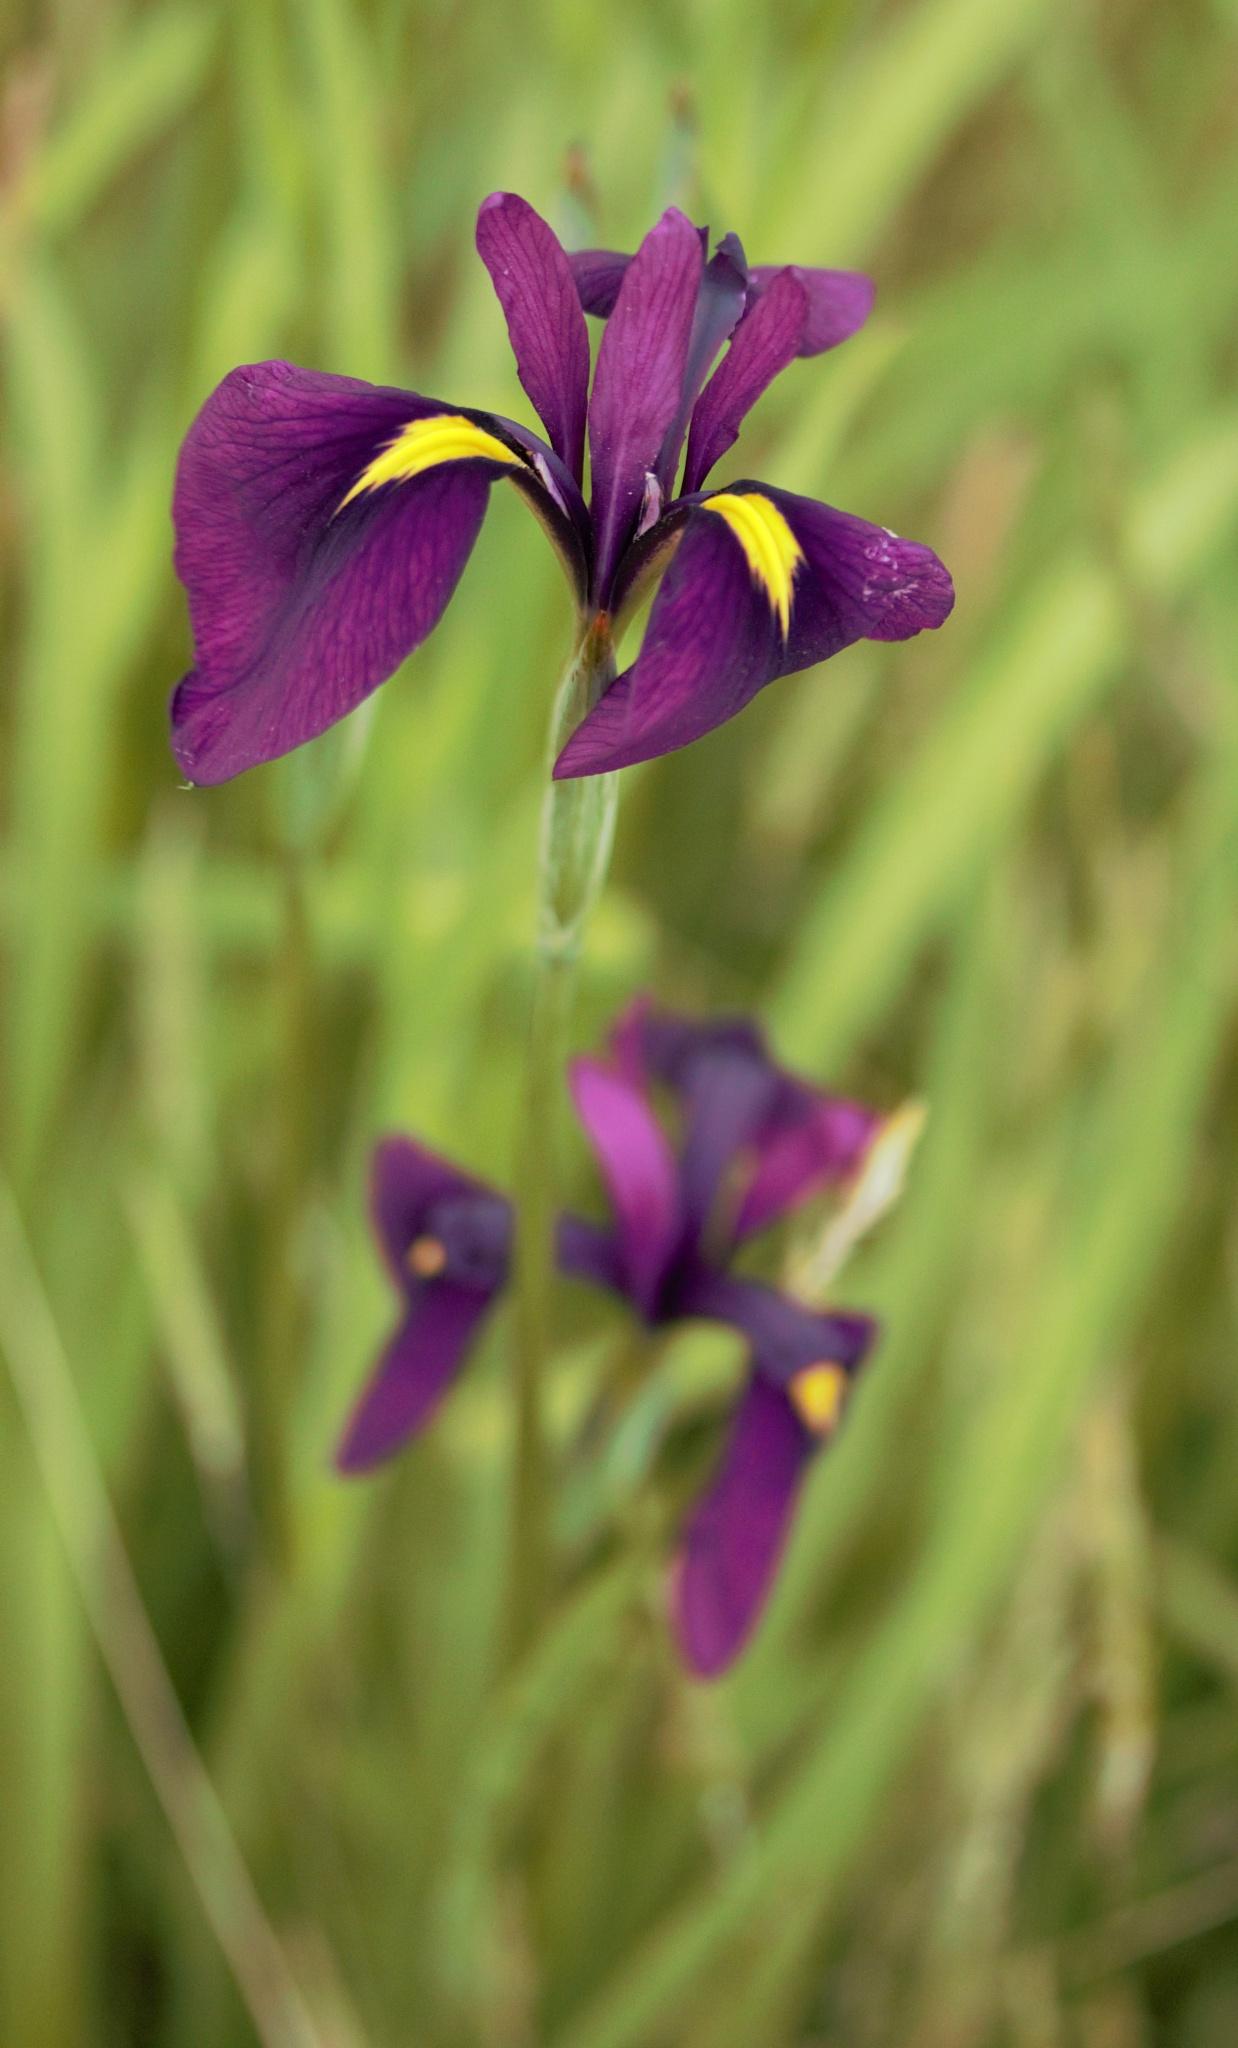 Iris Ensata by Kazumasa Ito